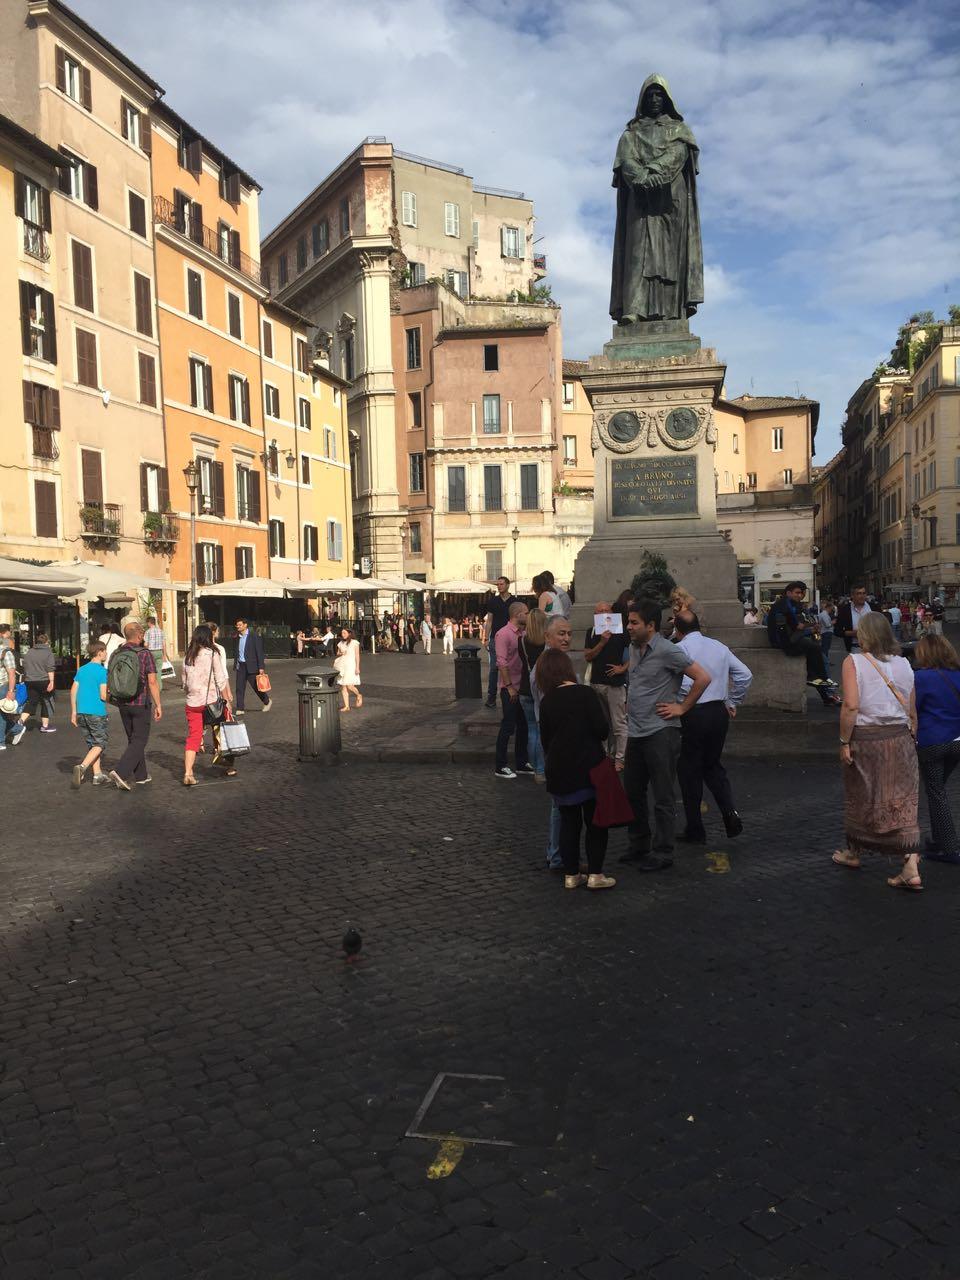 1FT Rome Italy - Campitelli - Lazio, May 20, 2015 - 43 of 75